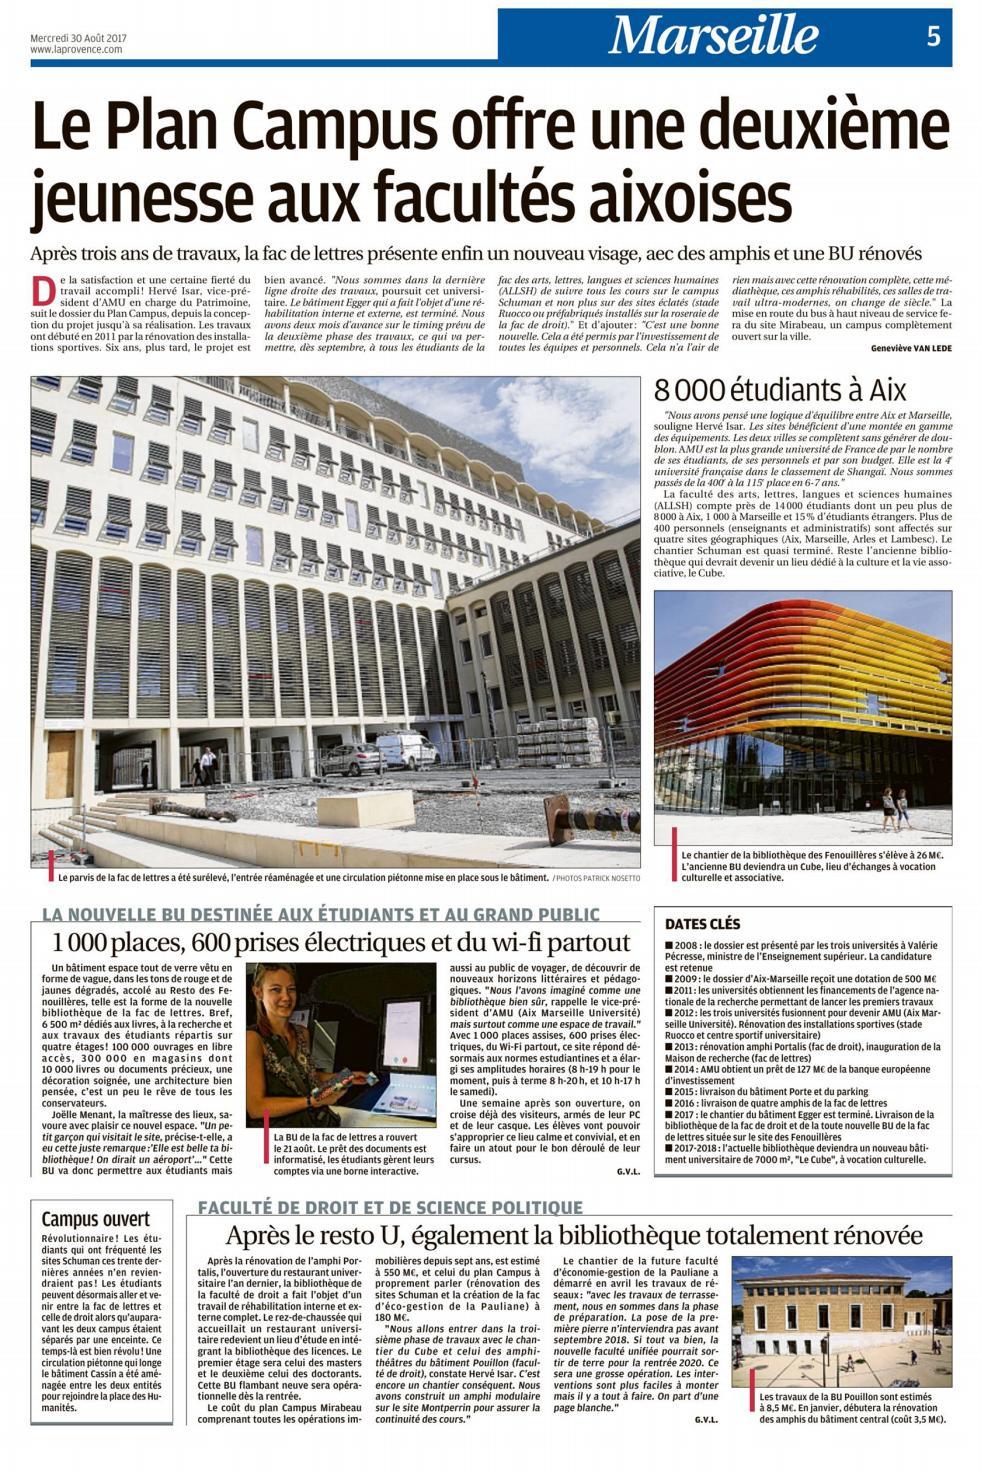 La Provence Le Plan Campus By Tangram Architectes - Issuu dedans Tangram En Ligne